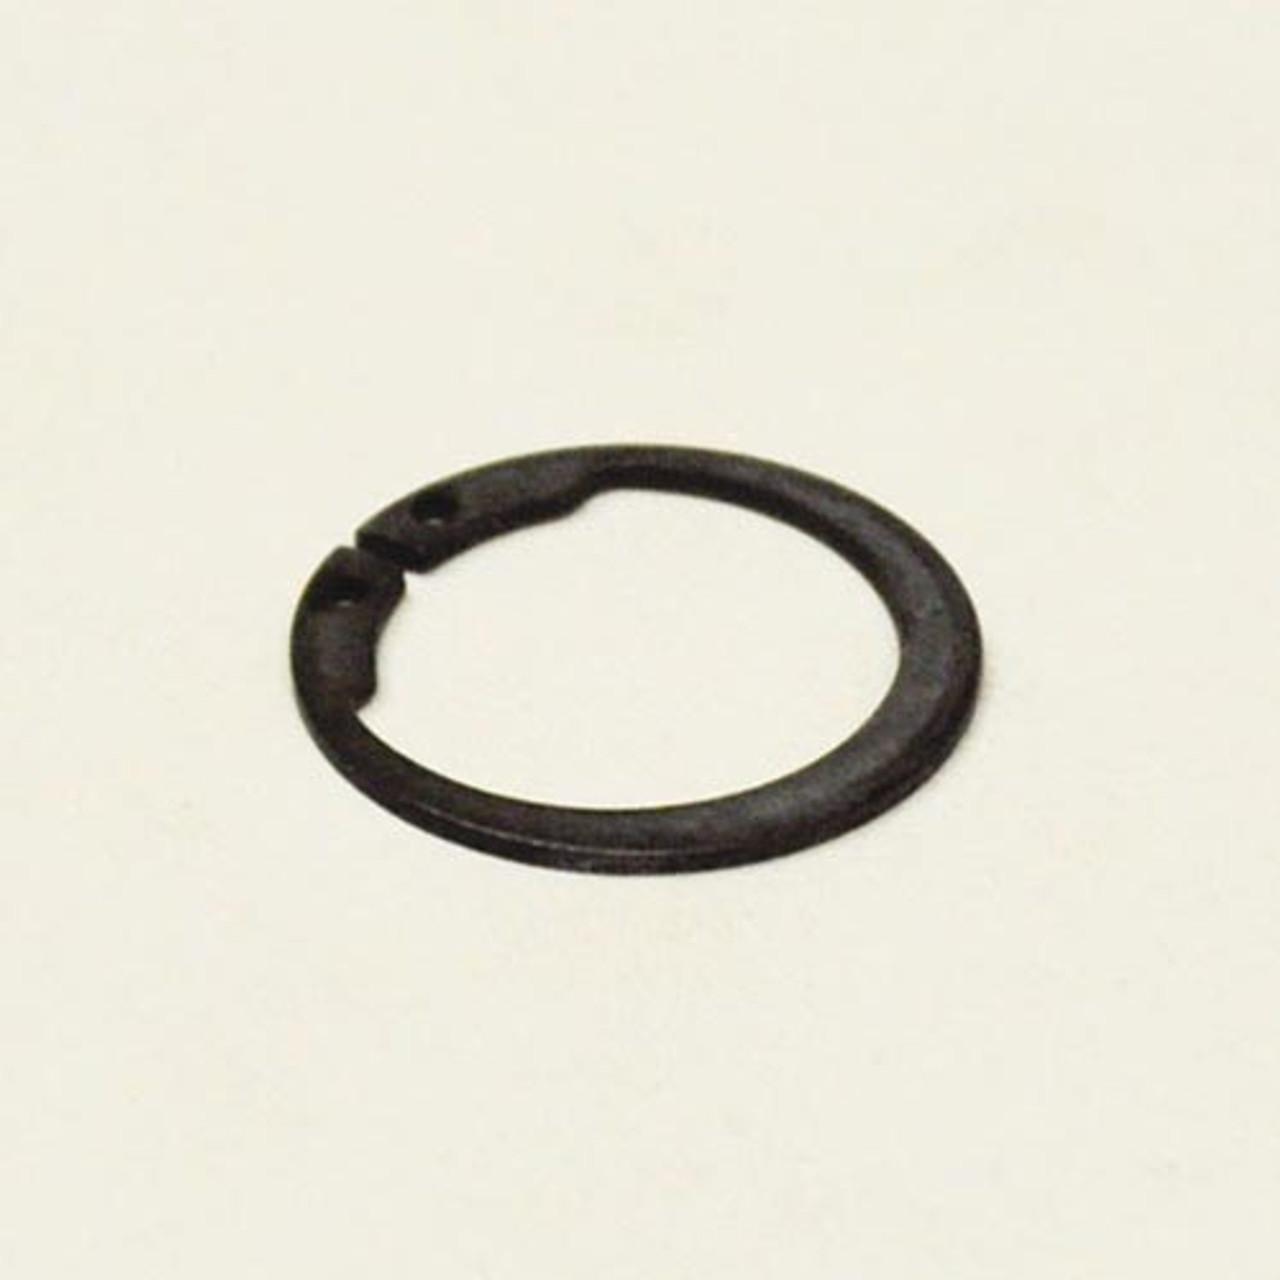 400 -- (#47) -- Snap Ring - 1013310